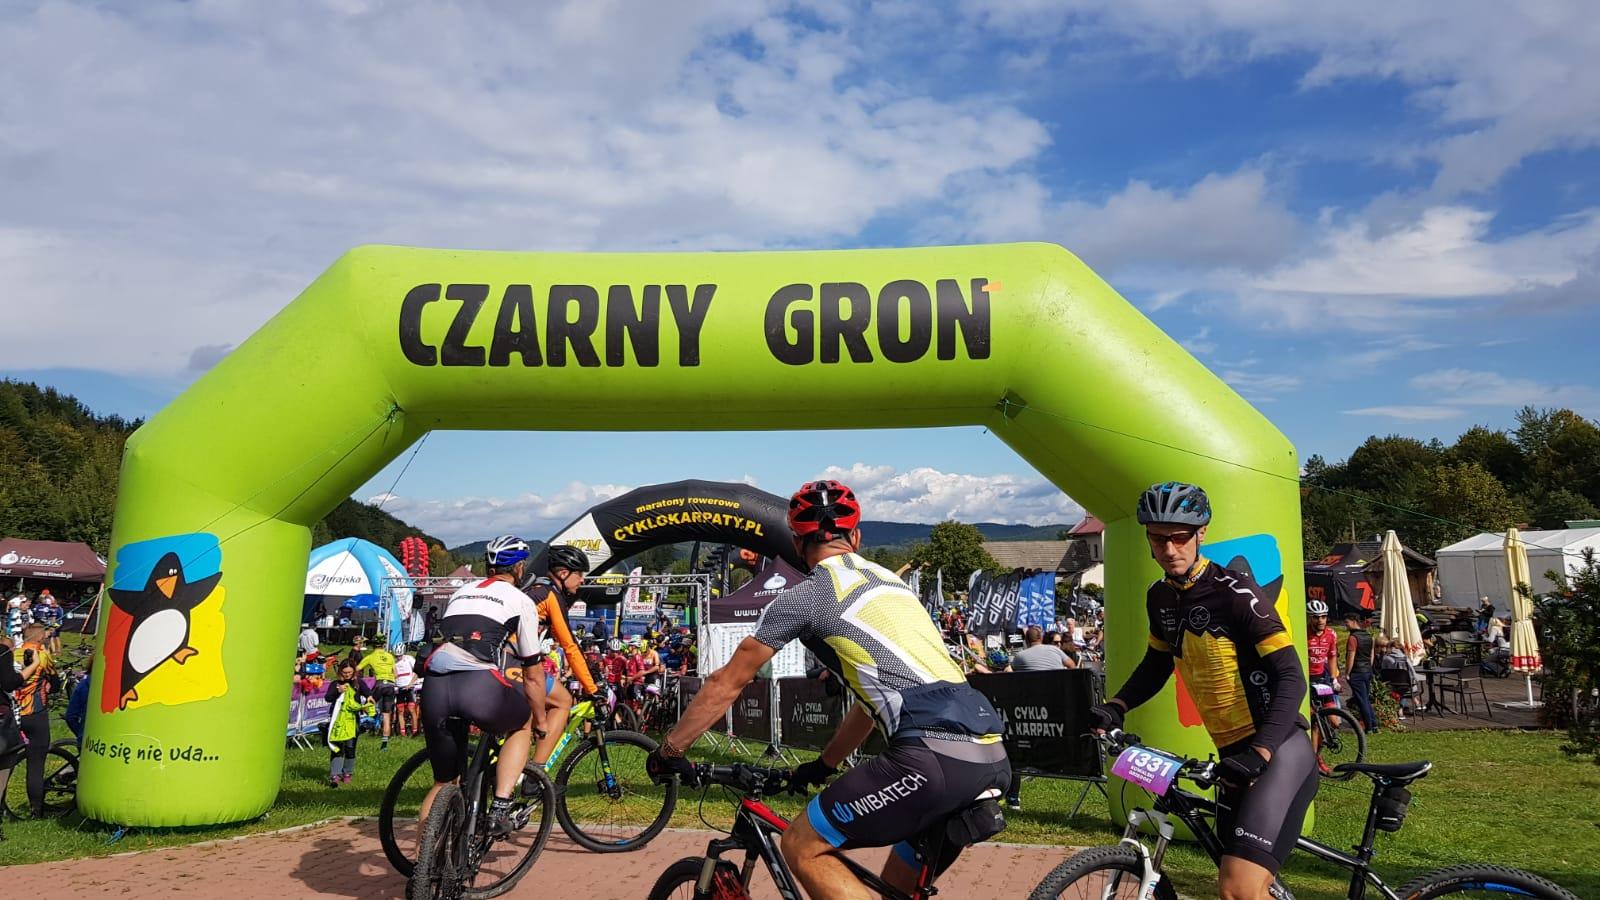 Słynny maraton rowerowy CYKLOKARPATY odbywa się na Czarnym Groniu [FOTO]